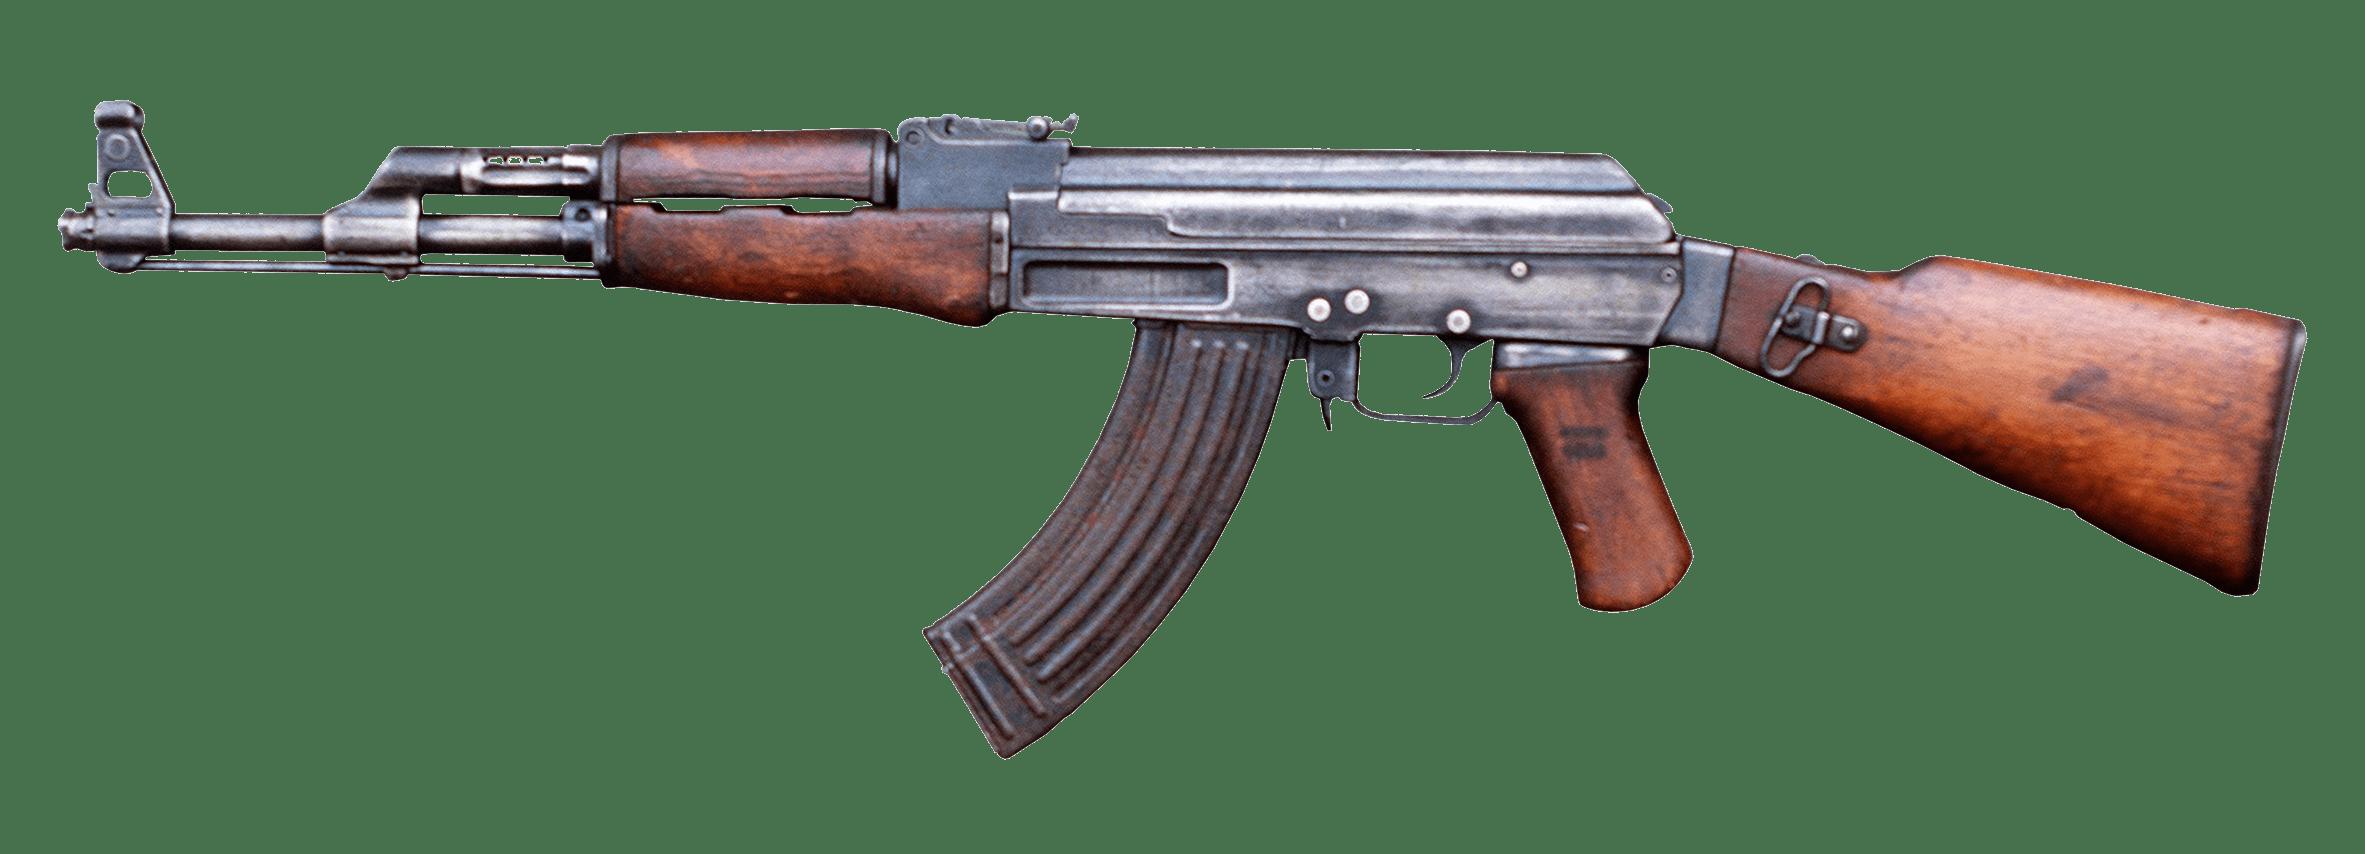 Assault Rifle PNG - 17705